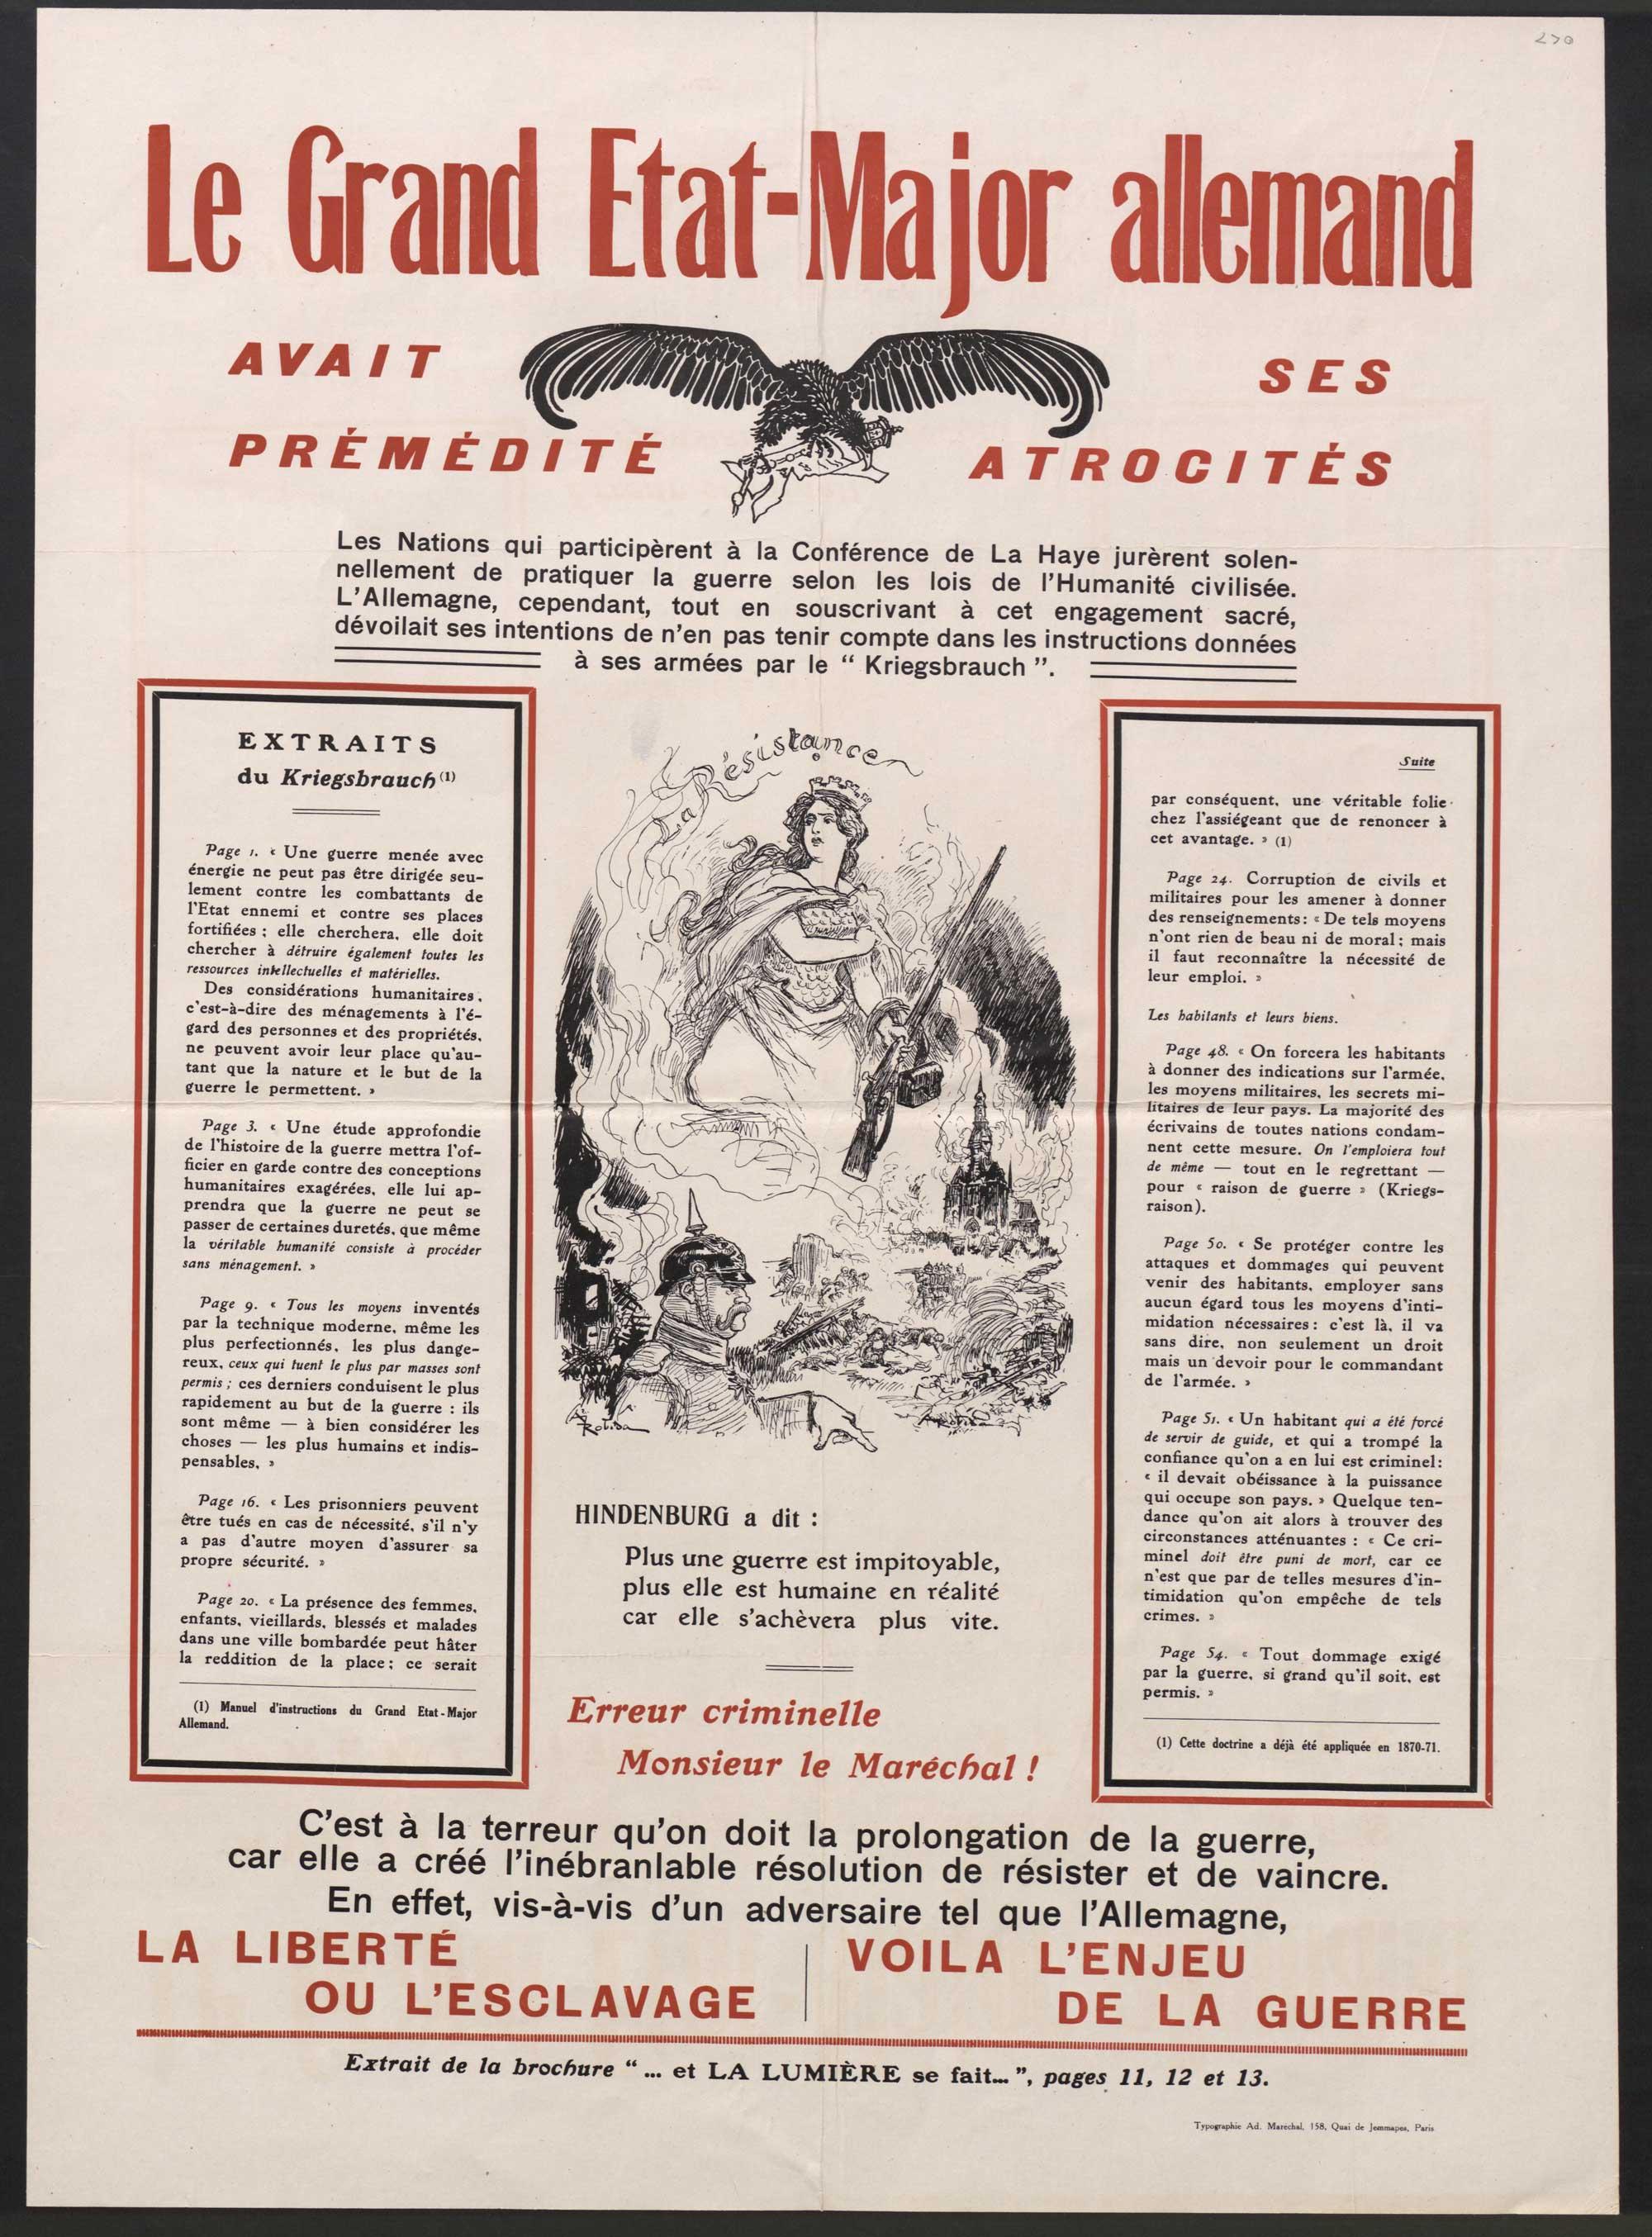 N. 270. Le Grand Etat-Major allemande avait prémédité ses atrocités